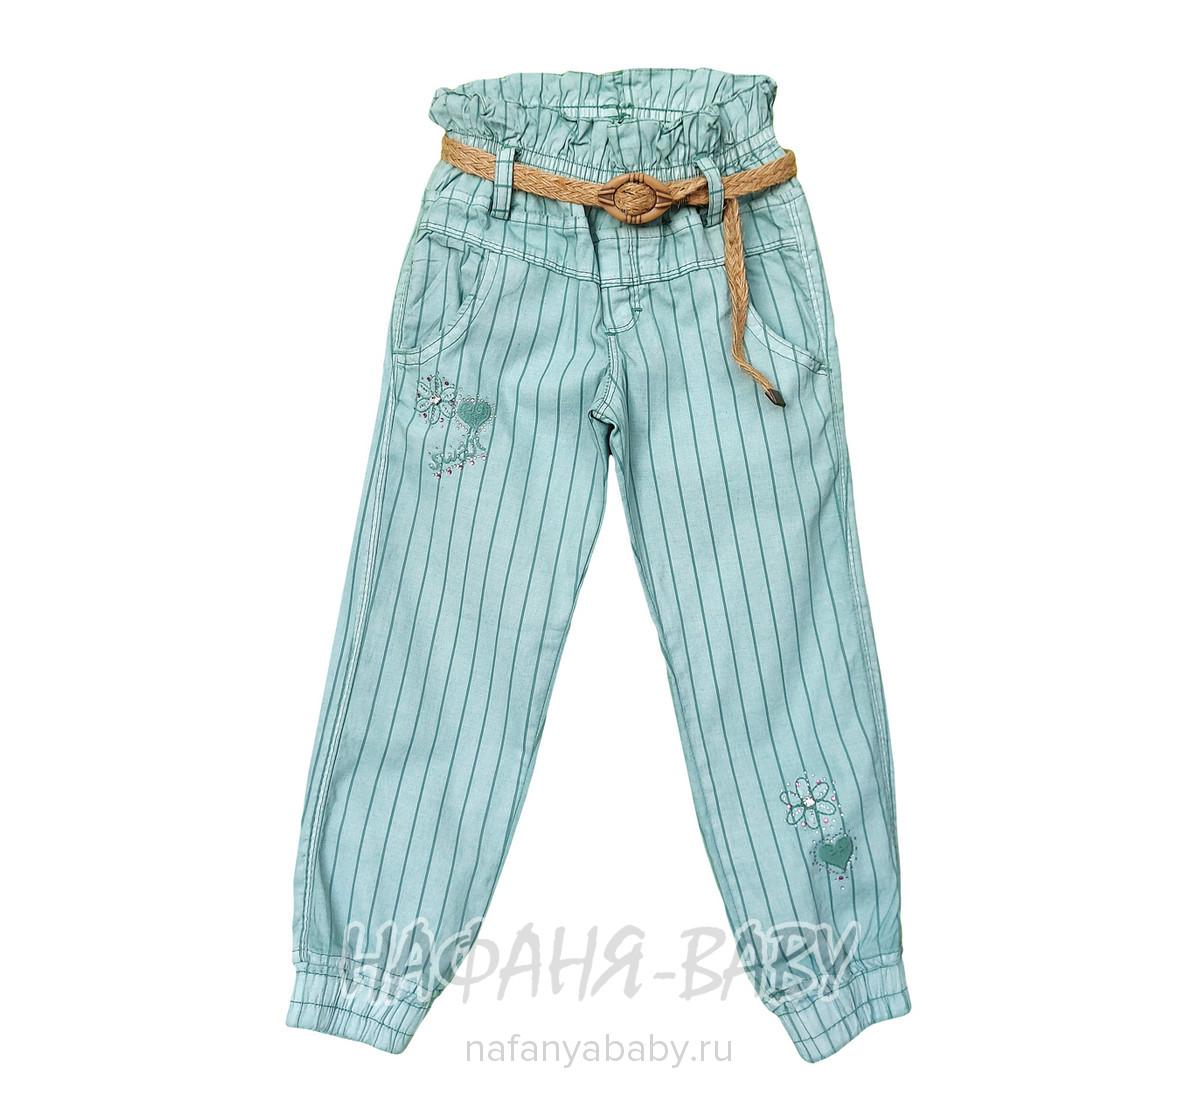 Детские брюки для девочки RIDAEN арт: 3187, 5-9 лет, оптом Турция